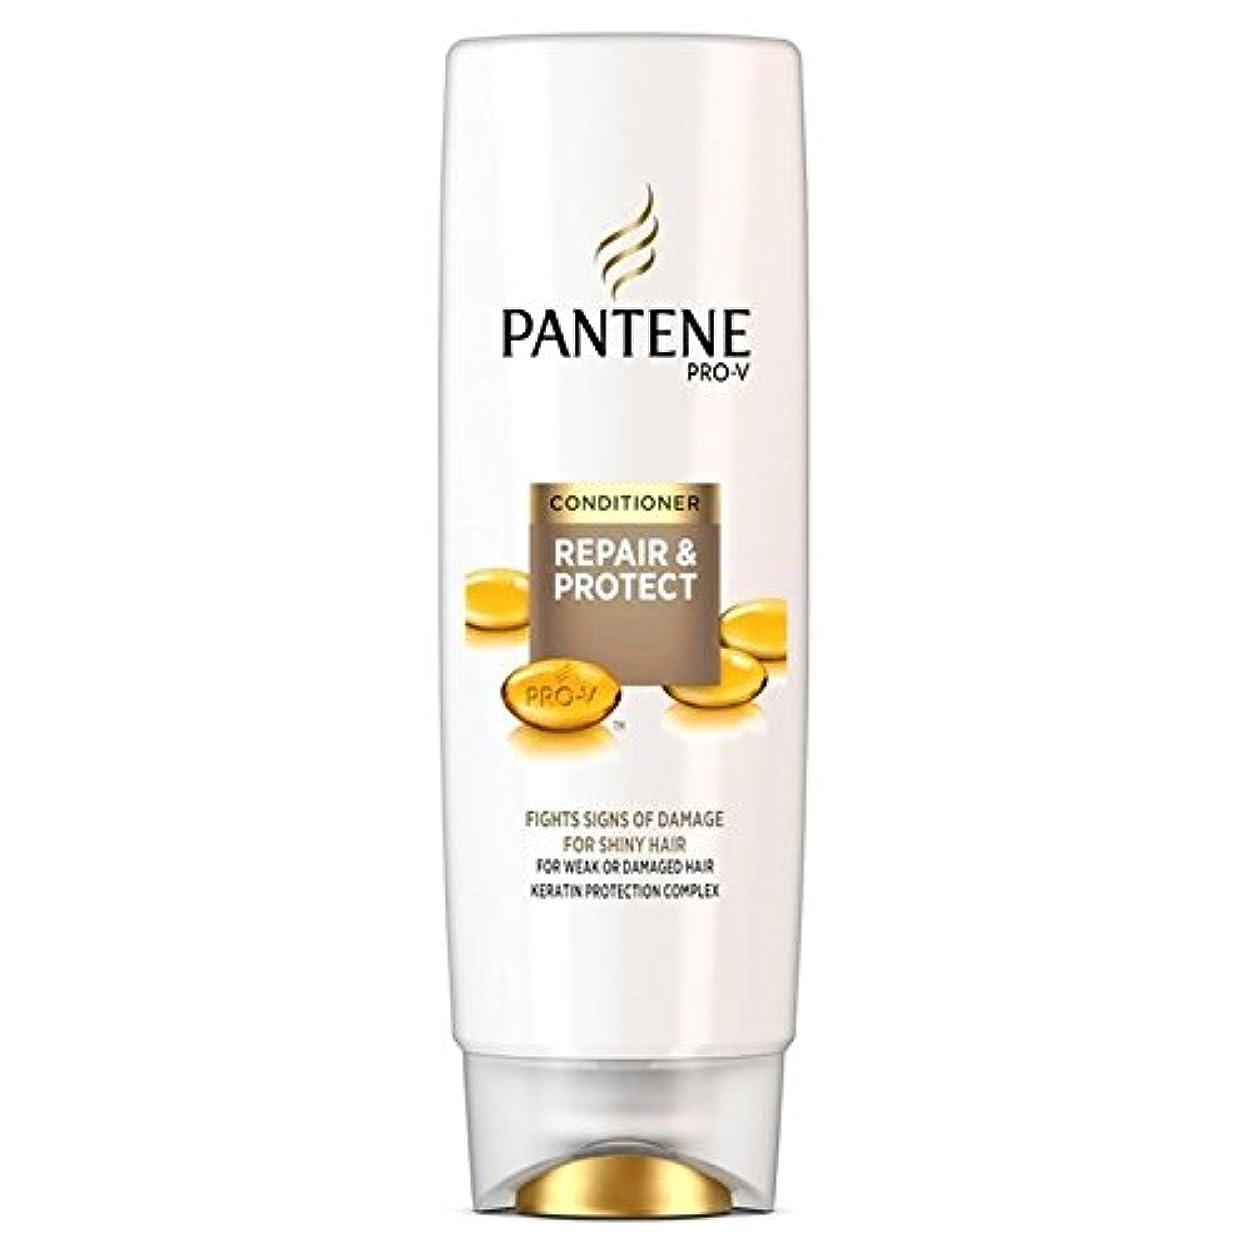 甘美な格納放棄されたパンテーンコンディショナーの修理&弱いか、傷んだ髪の250ミリリットルのための保護 x2 - Pantene Conditioner Repair & Protect For Weak Or Damaged Hair 250ml...